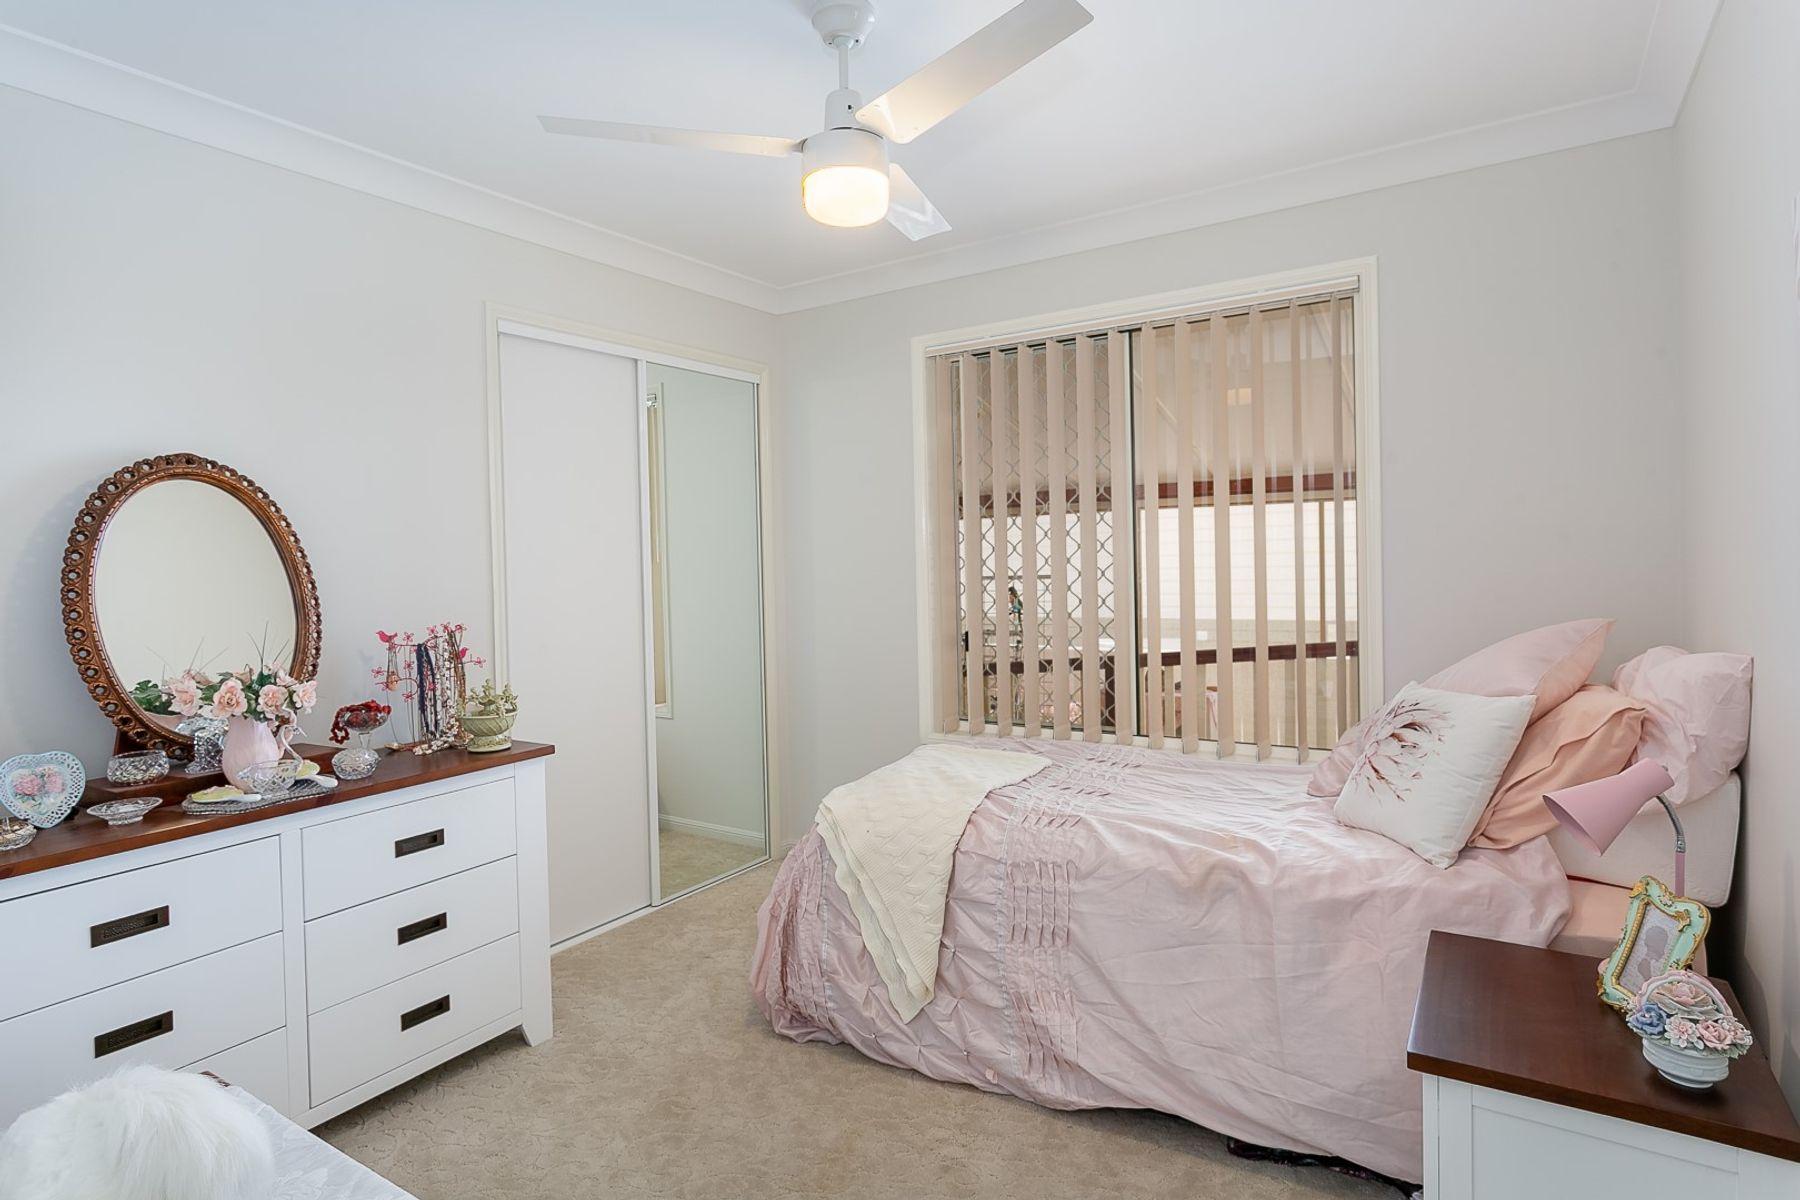 85/102A Moores Pocket Road, Moores Pocket, QLD 4305